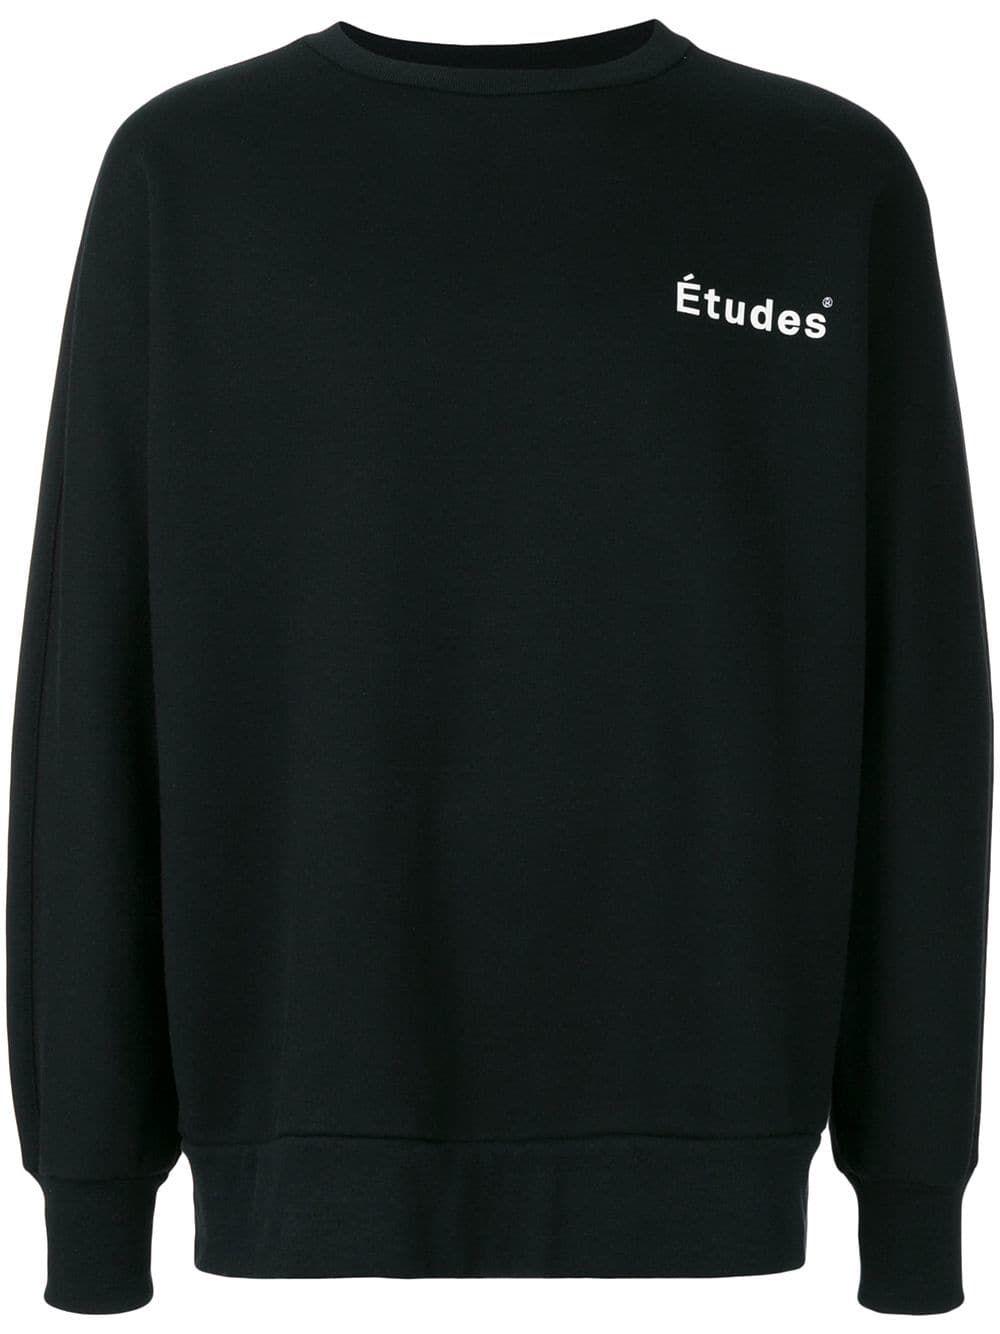 Adidas All Over Print Sweatshirt Farfetch